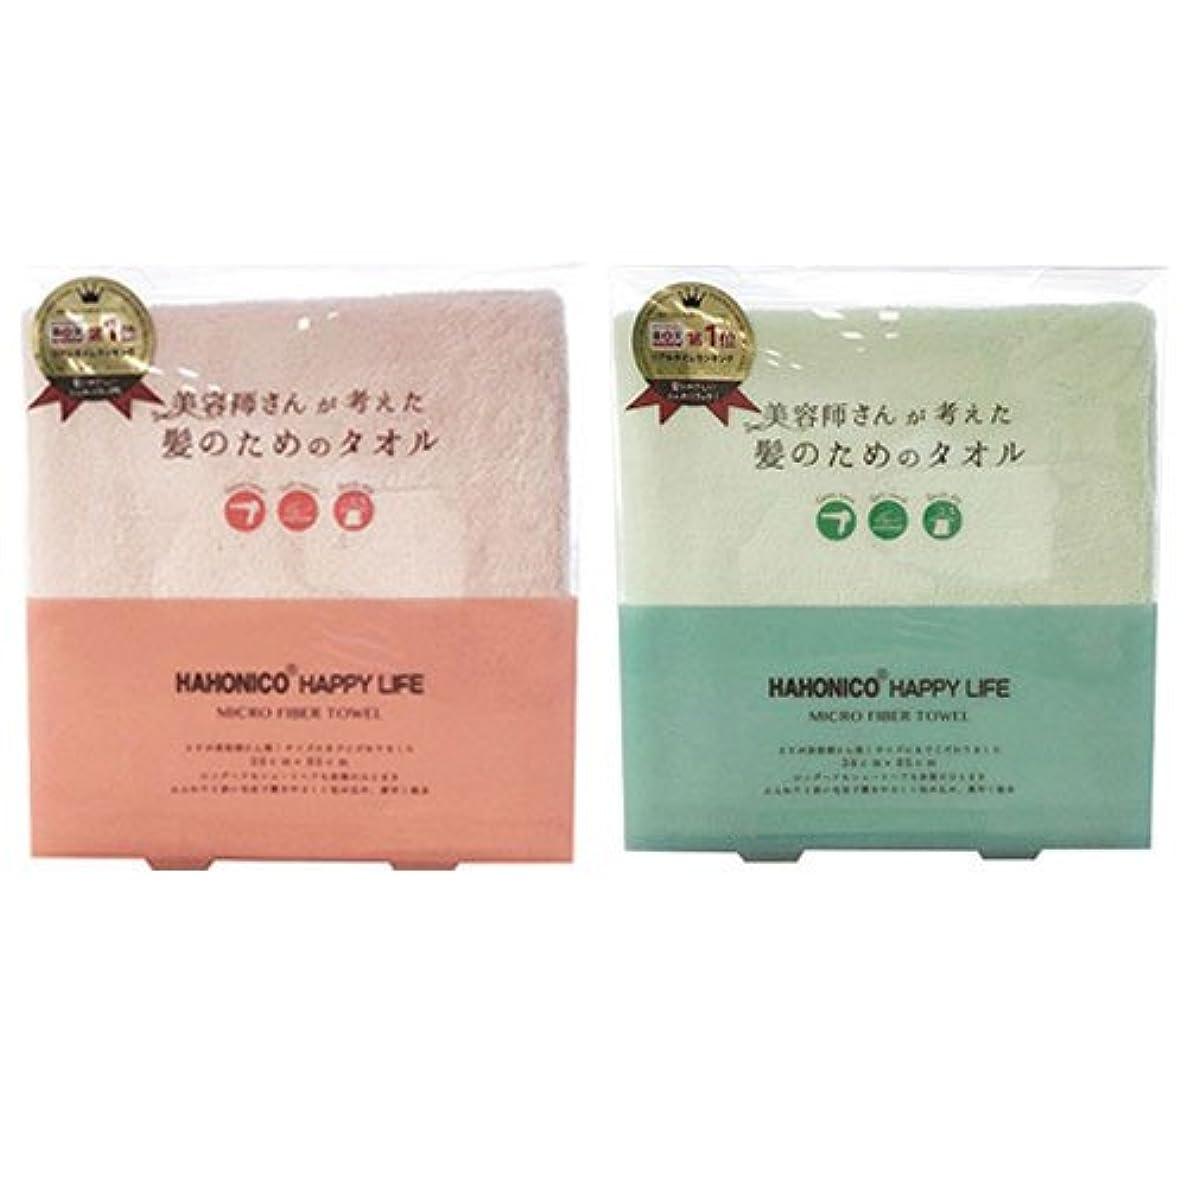 行商人葉錆びハホニコ ヘアドライマイクロファイバータオル ピンク&グリーン